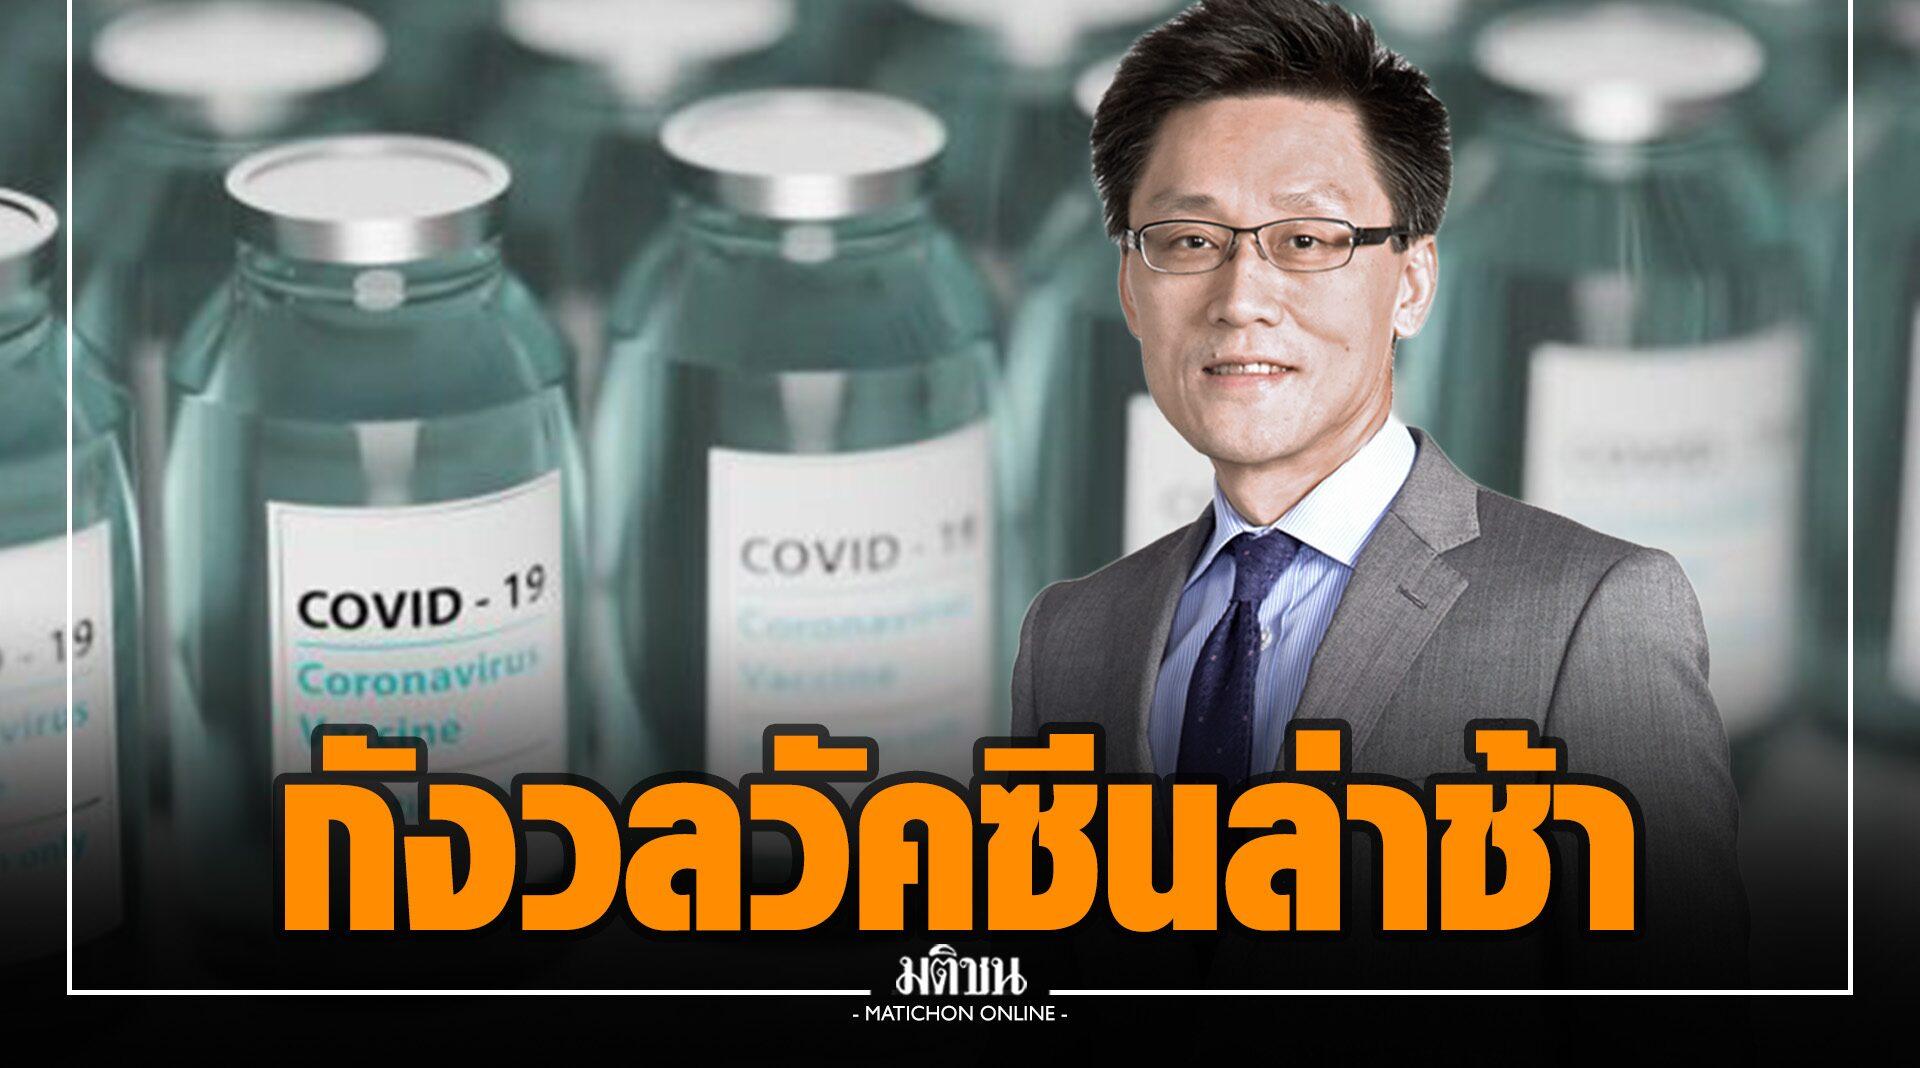 นักลงทุน เริ่มกังวลวัคซีนล่าช้า ซ้ำเติมศก.ไทย